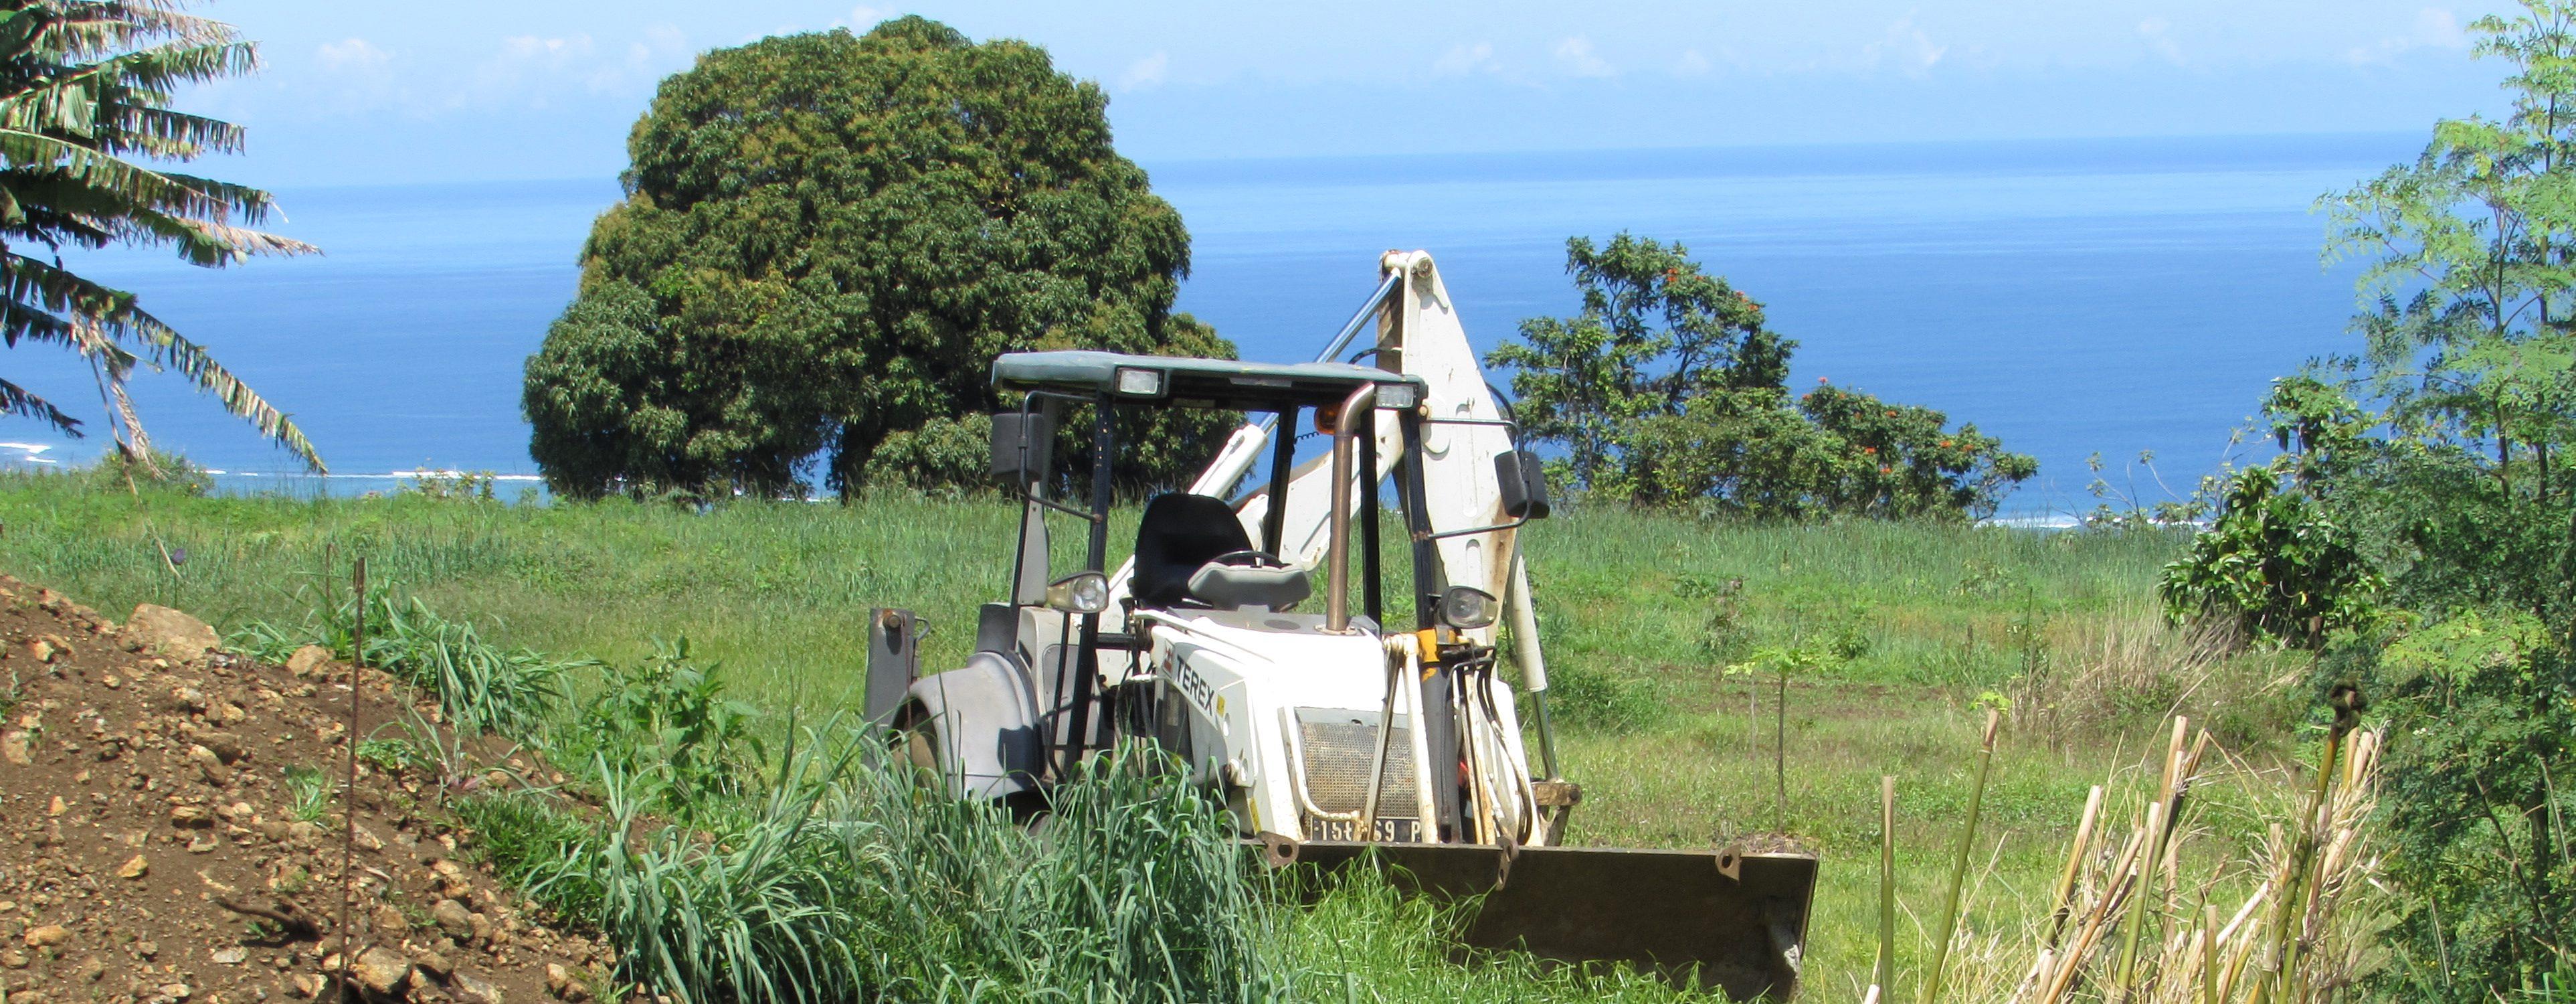 Tracteur blanc en service dans un champ, en hauteur.